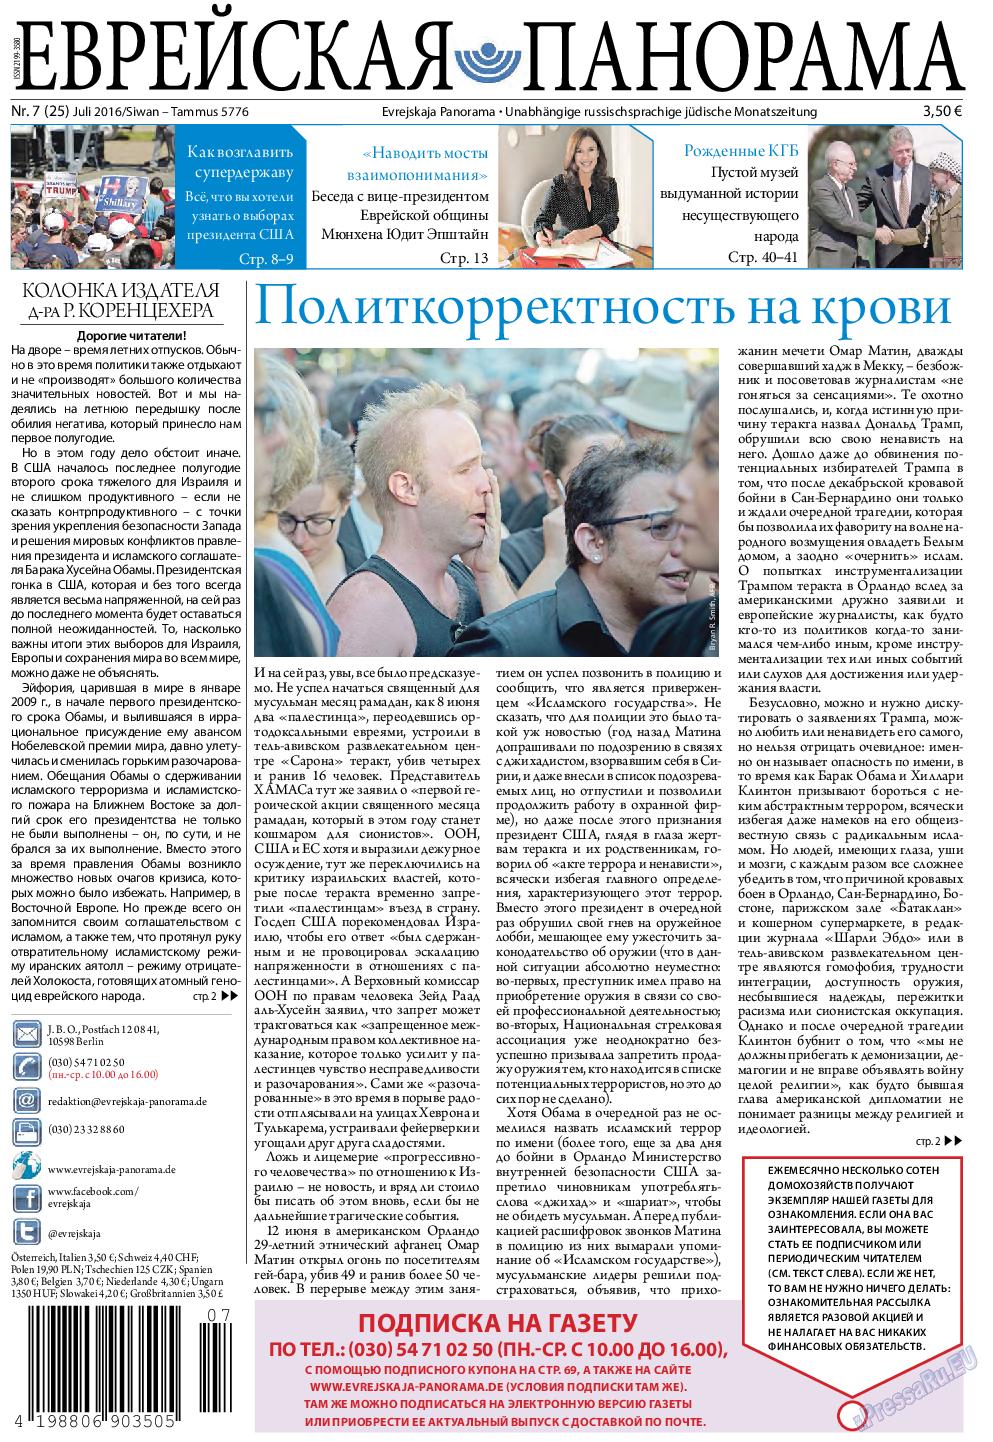 Еврейская панорама (газета). 2016 год, номер 7, стр. 1